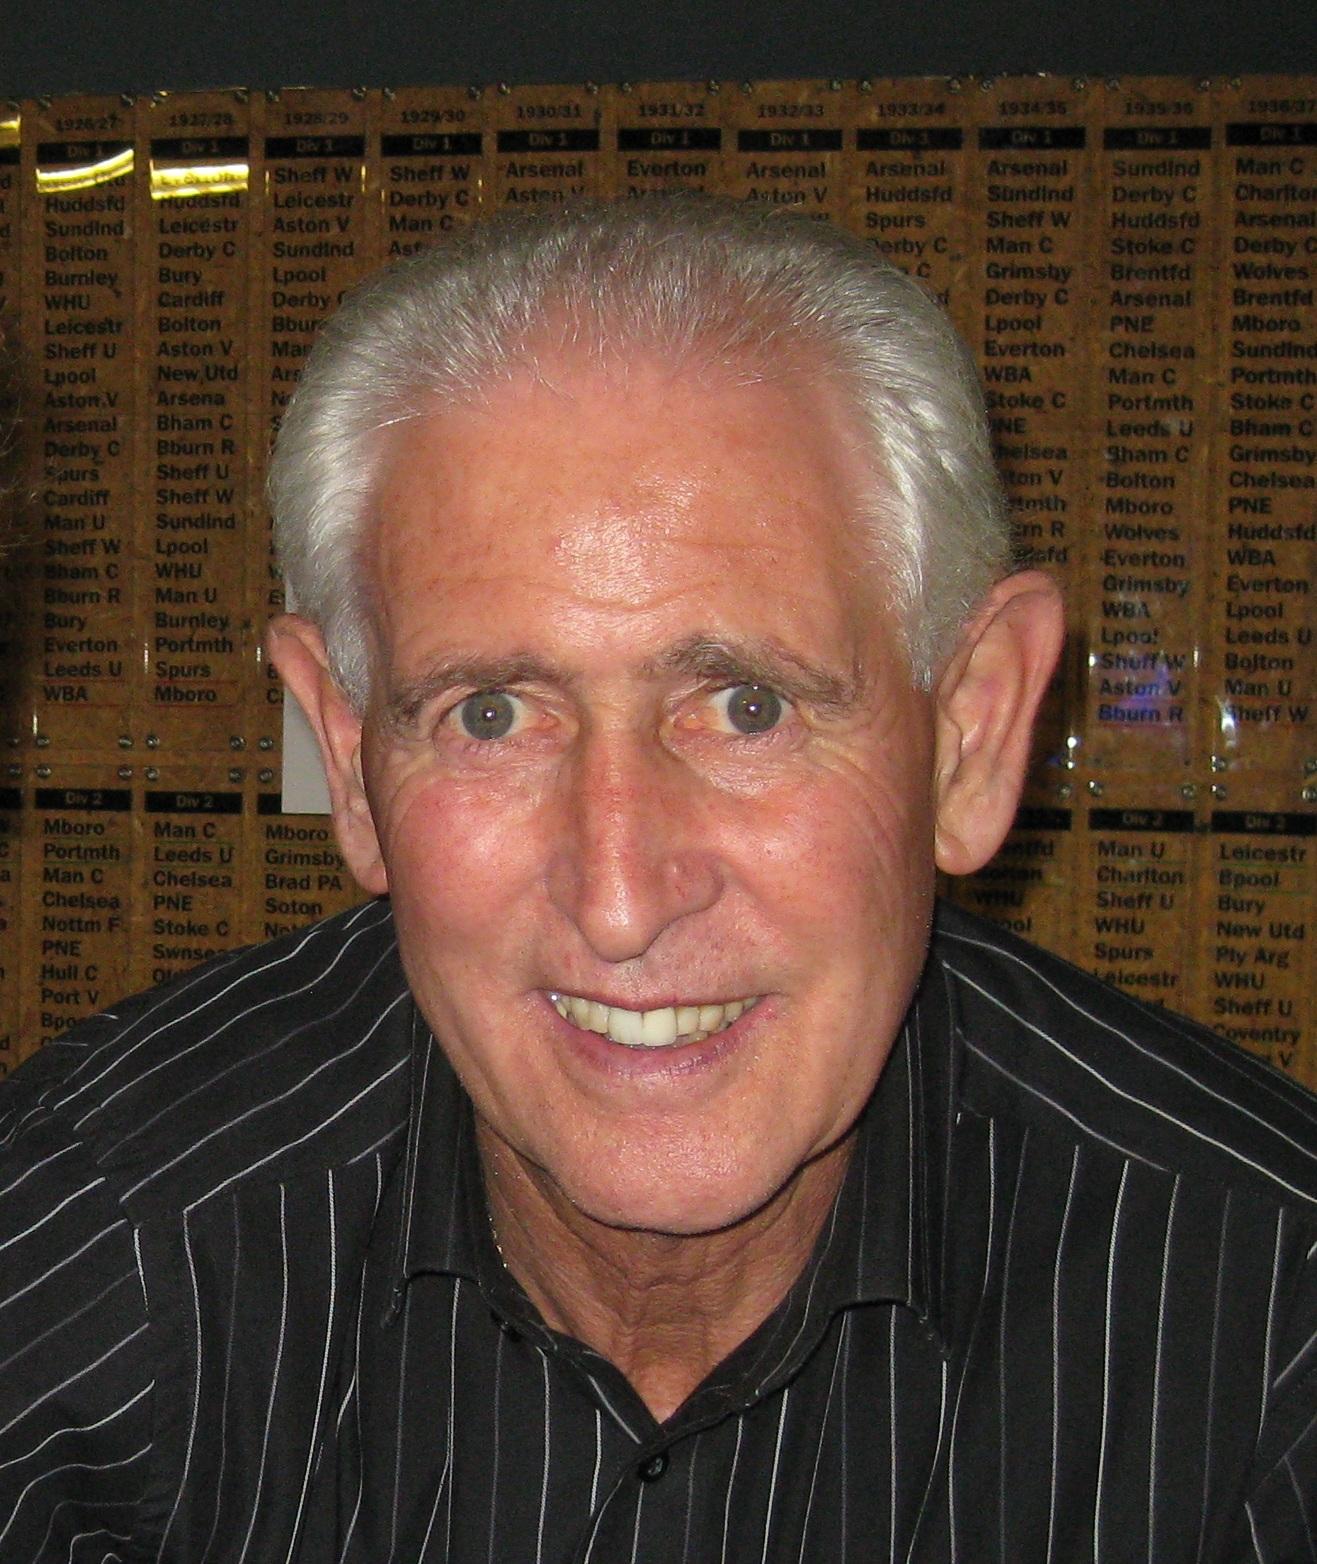 Peter Bonetti – Wikipedia